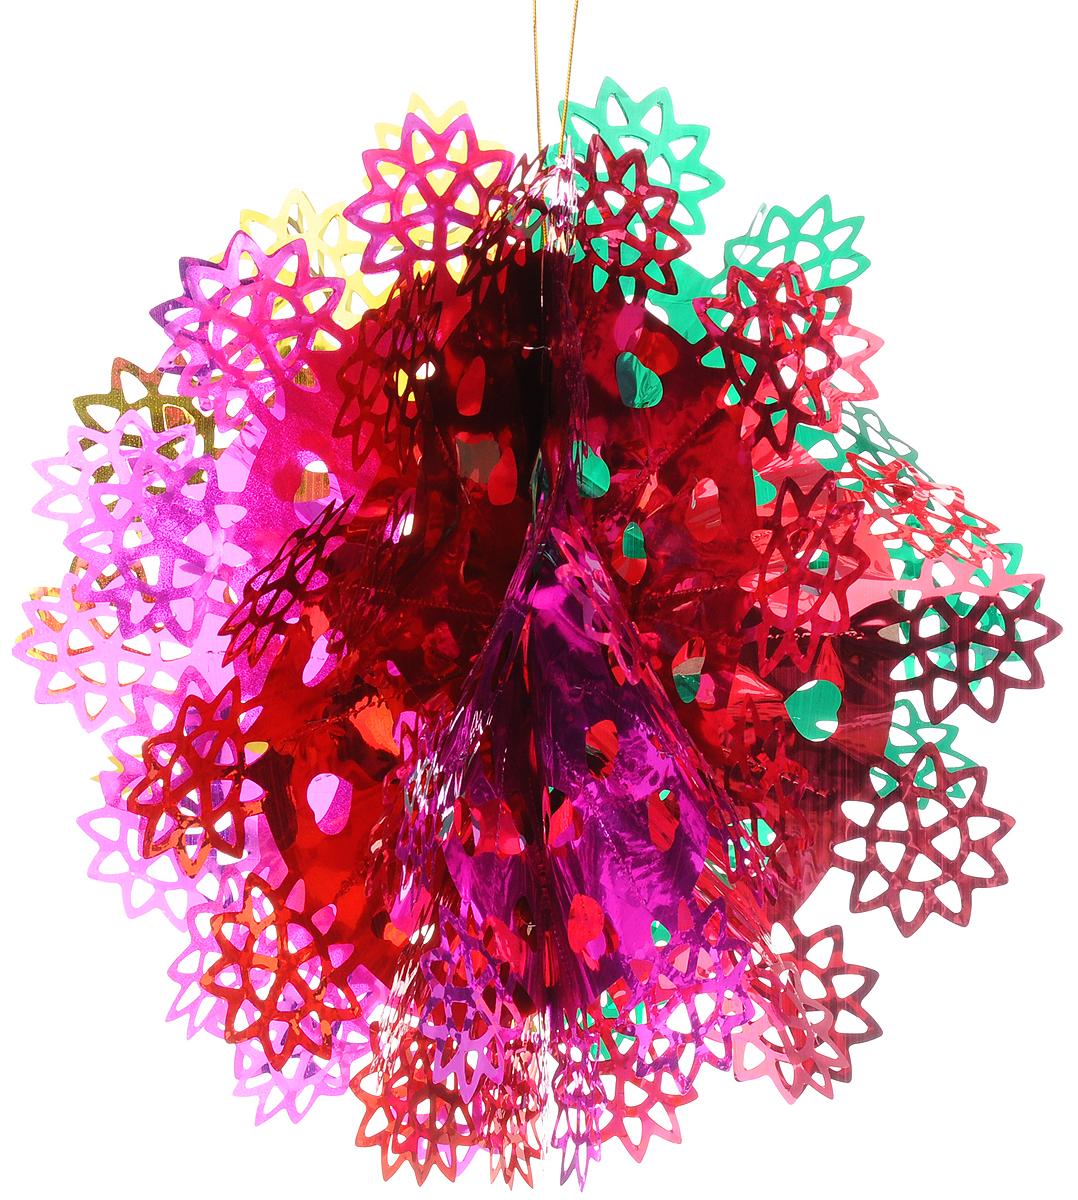 Украшение новогоднее подвесное Magic Time Снежинка цветная, 35 x 1842127Новогоднее подвесное украшение Magic Time Снежинка цветная выполнено из ПЭТ (полиэтилентерефталат) в виде снежинки. С помощью специальной петельки украшение можно повесить в любом понравившемся вам месте. Игрушка удачно будет смотреться под потолком. Новогоднее украшение Magic Time Снежинка цветная несет в себе волшебство и красоту праздника. Создайте в своем доме атмосферу веселья и радости, с помощью игрушек, которые будут из года в год накапливать теплоту воспоминаний. Материал: полиэтилентерефталат. Размер: 35 х 18 см.